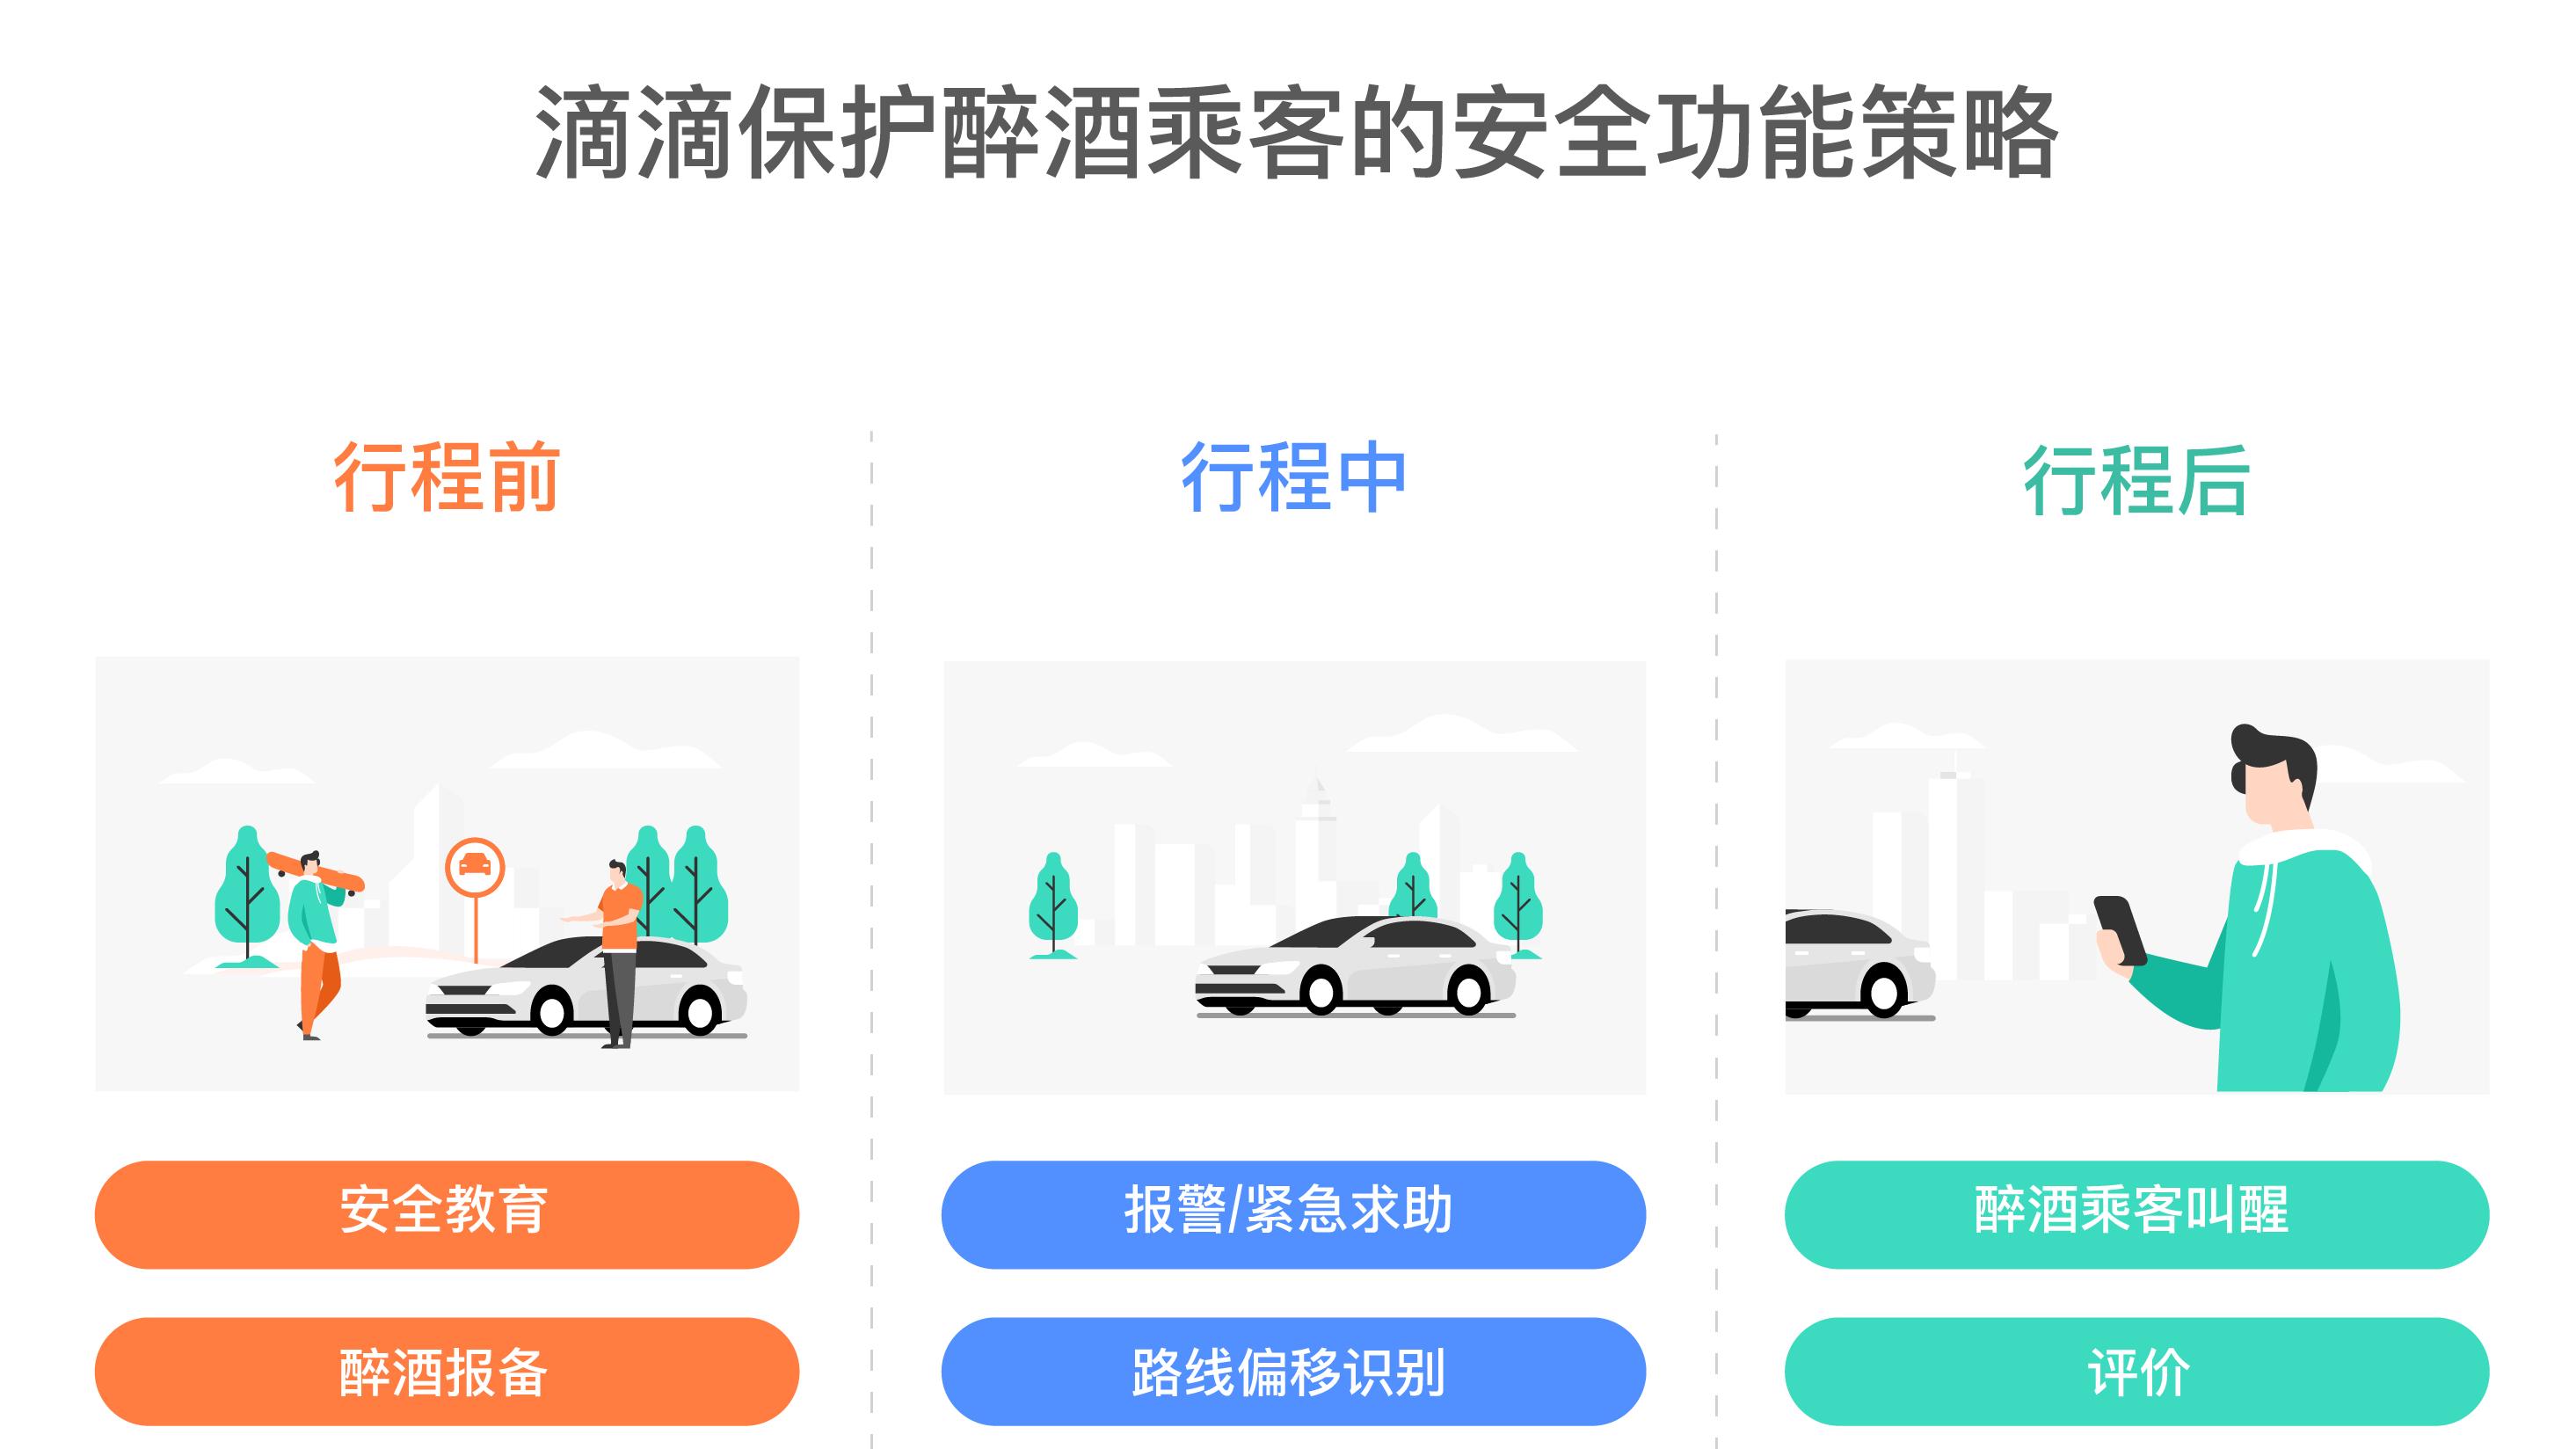 滴滴安全透明度报告显示:冲突越严重,乘客醉酒比例越高